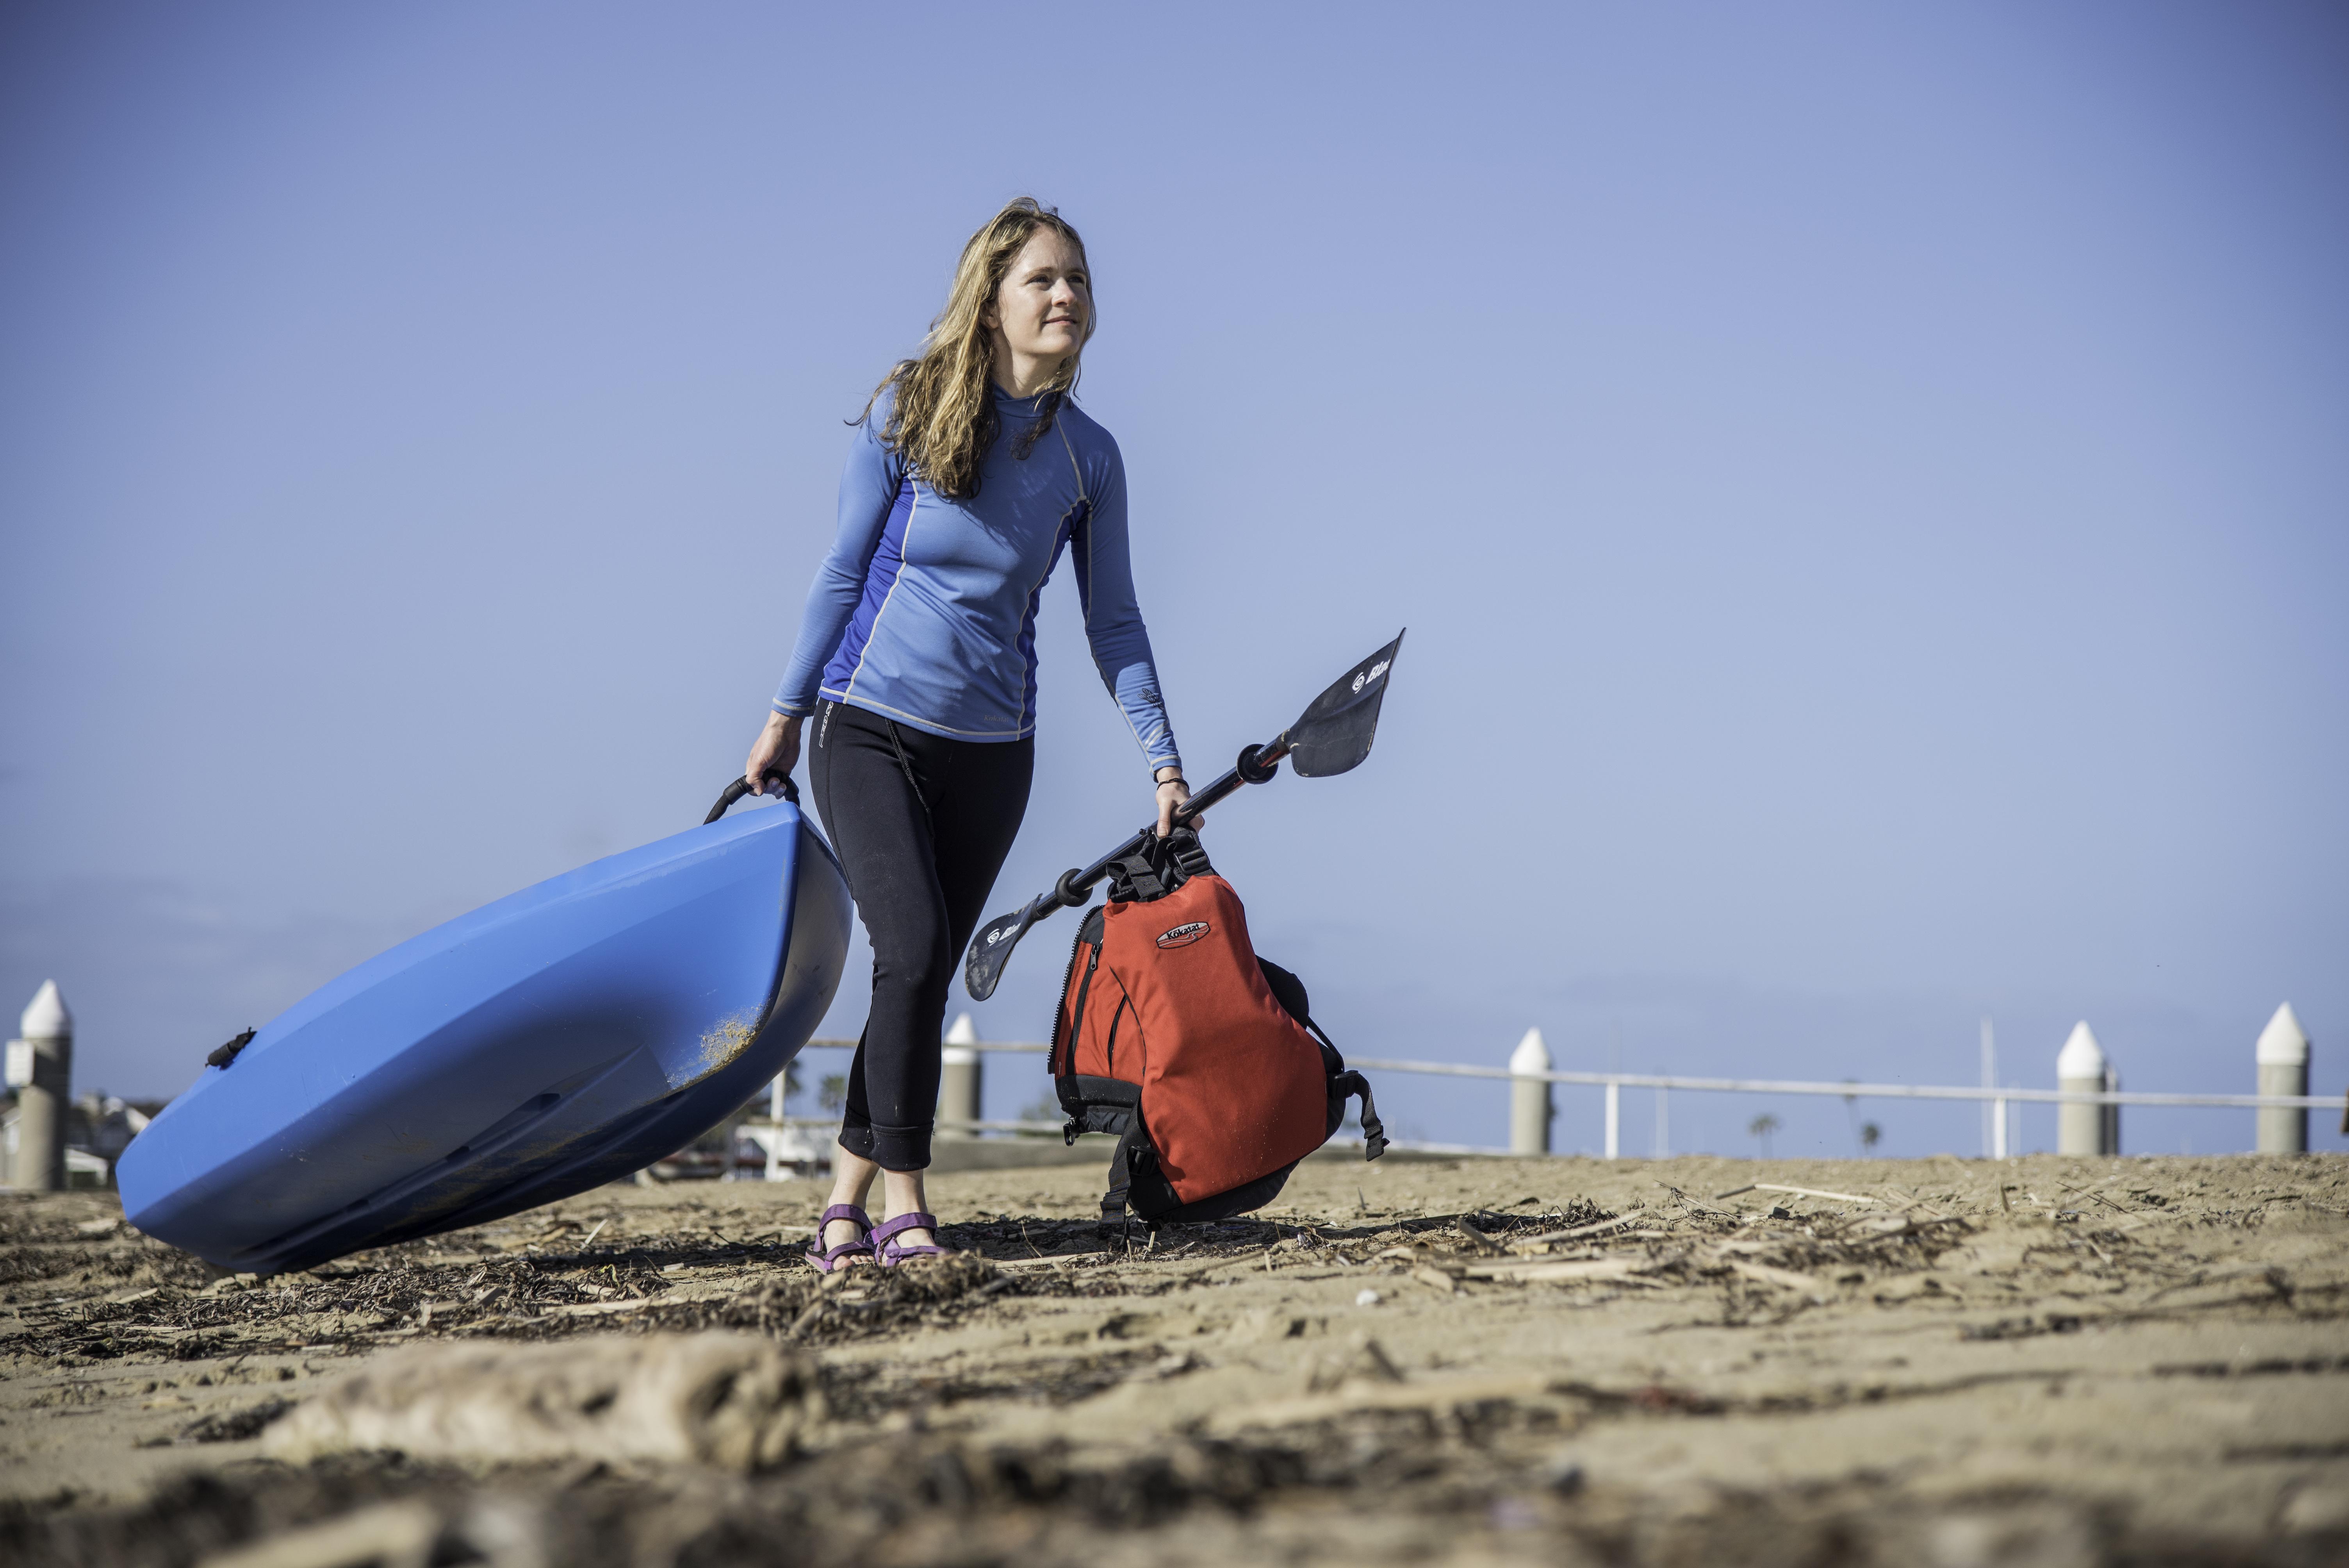 dragging your kayak